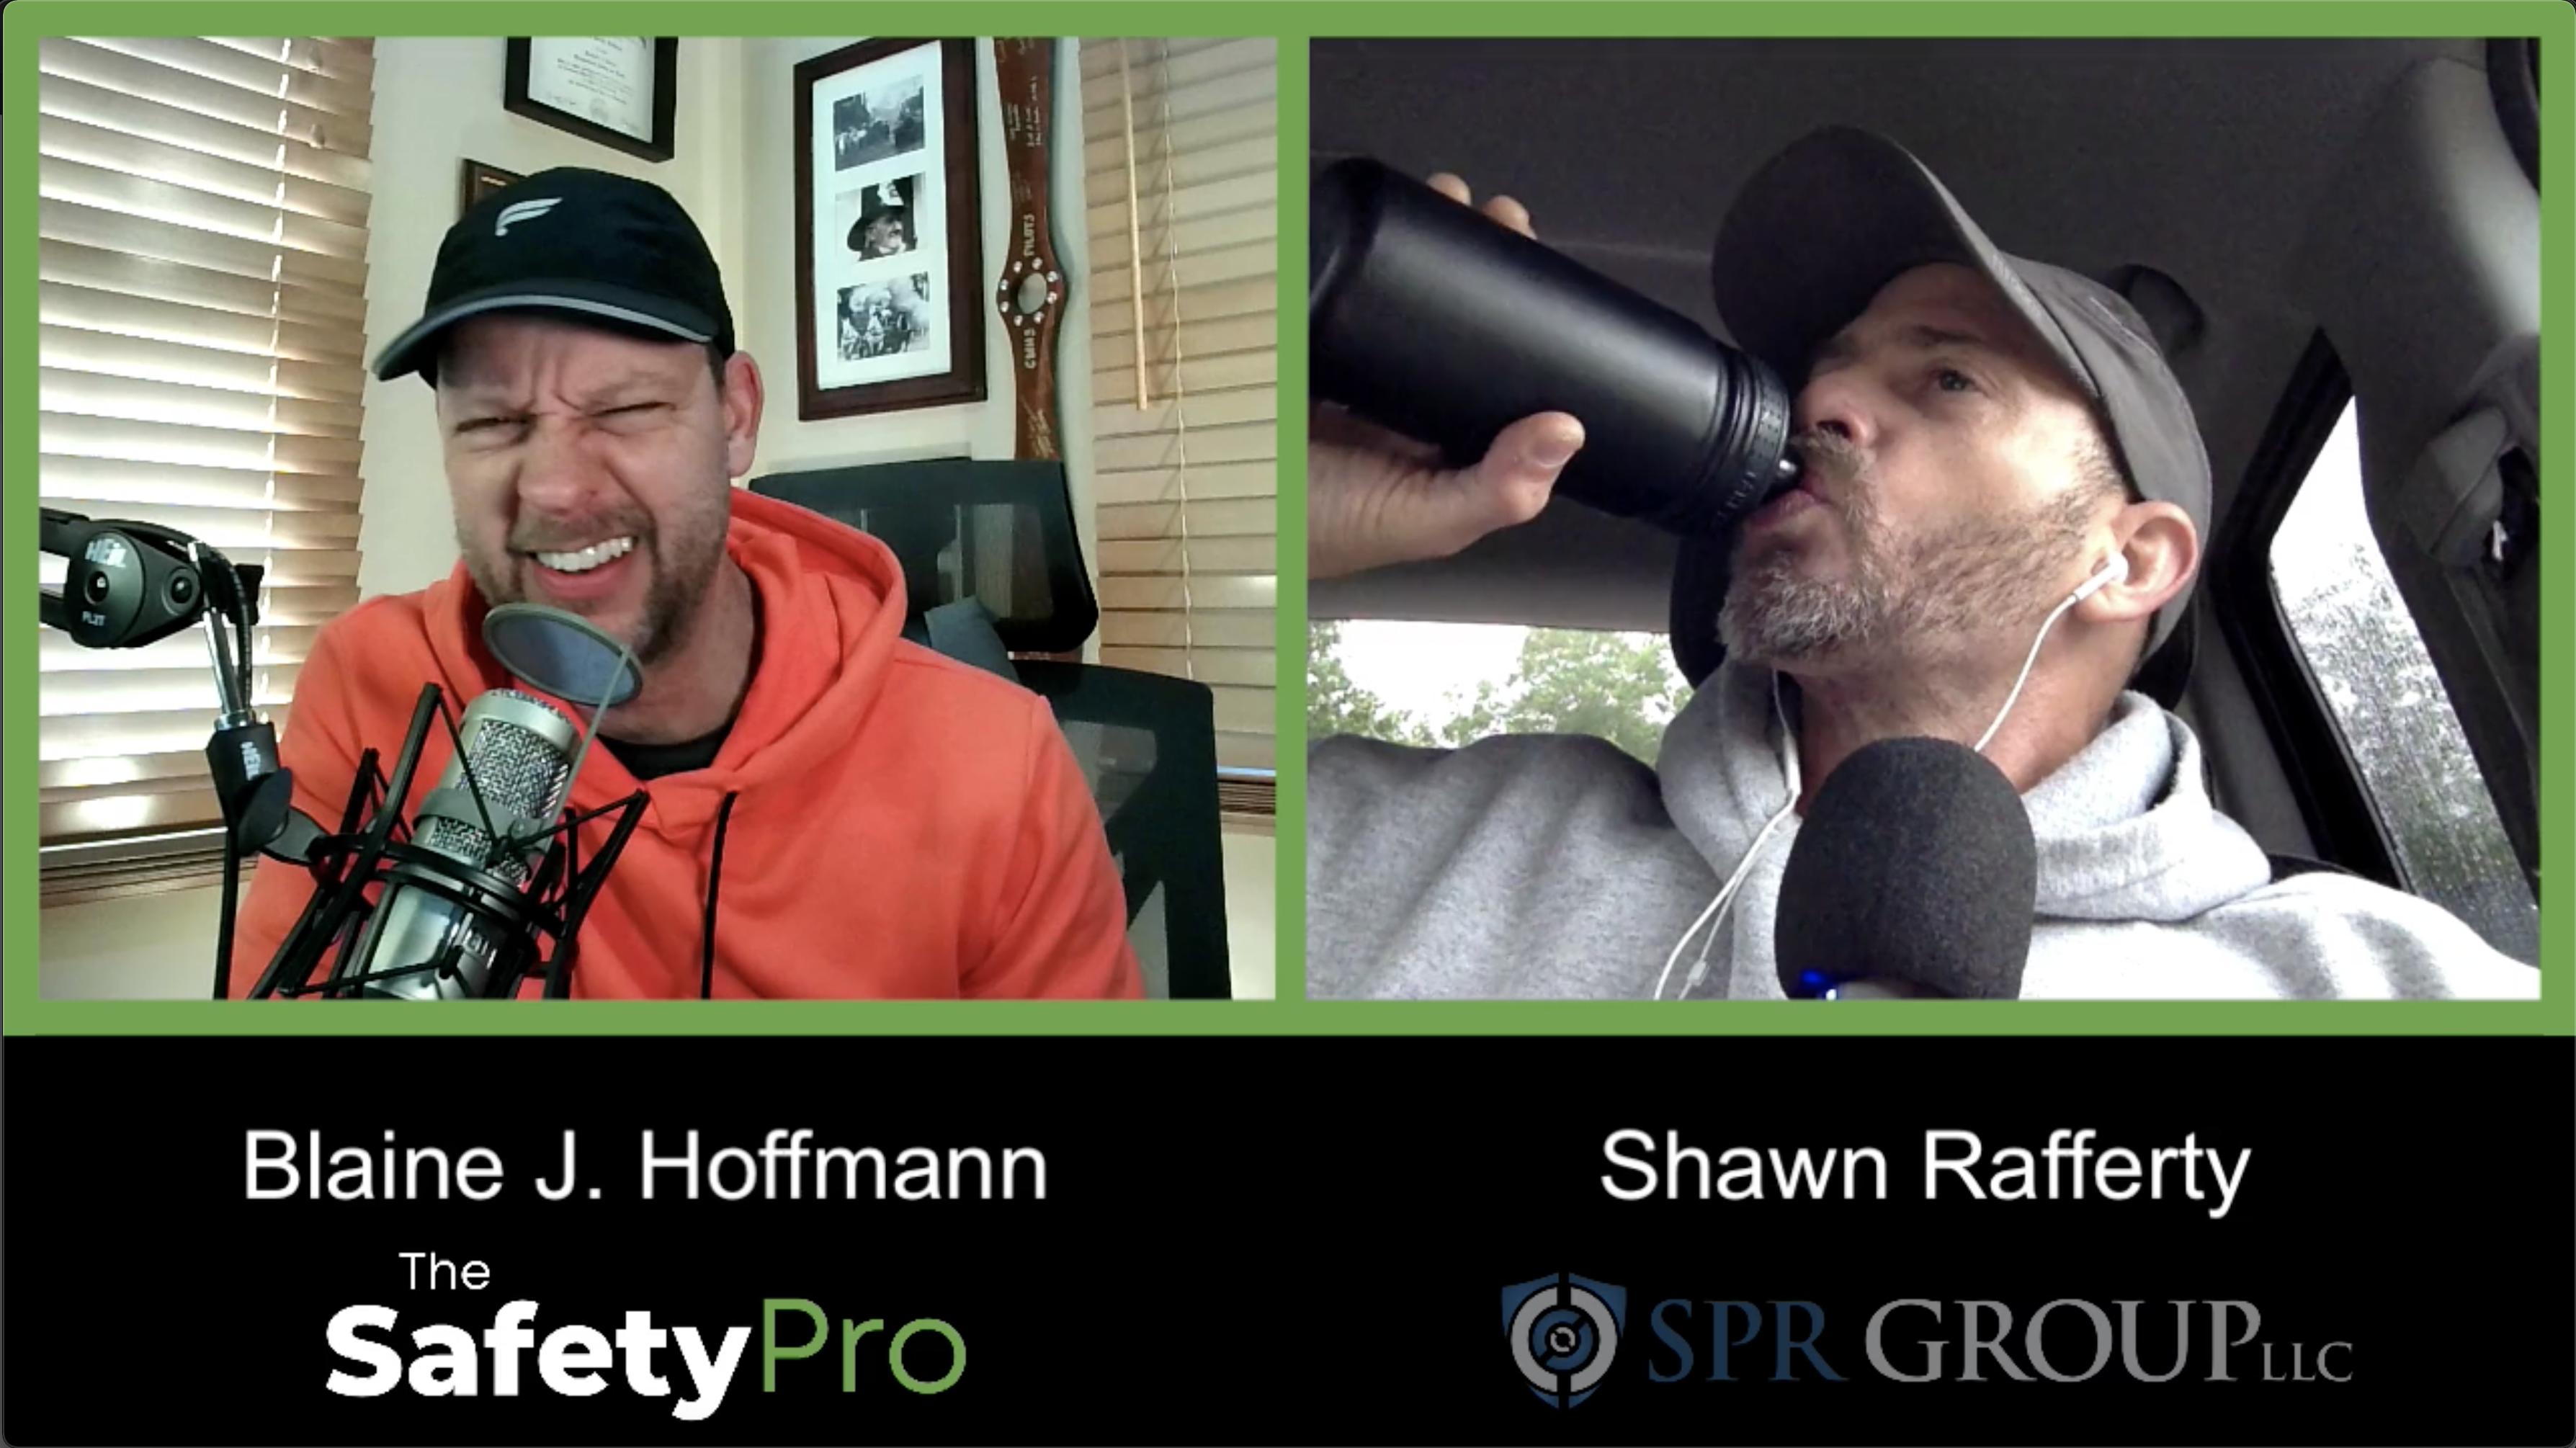 The Safety Pro Community